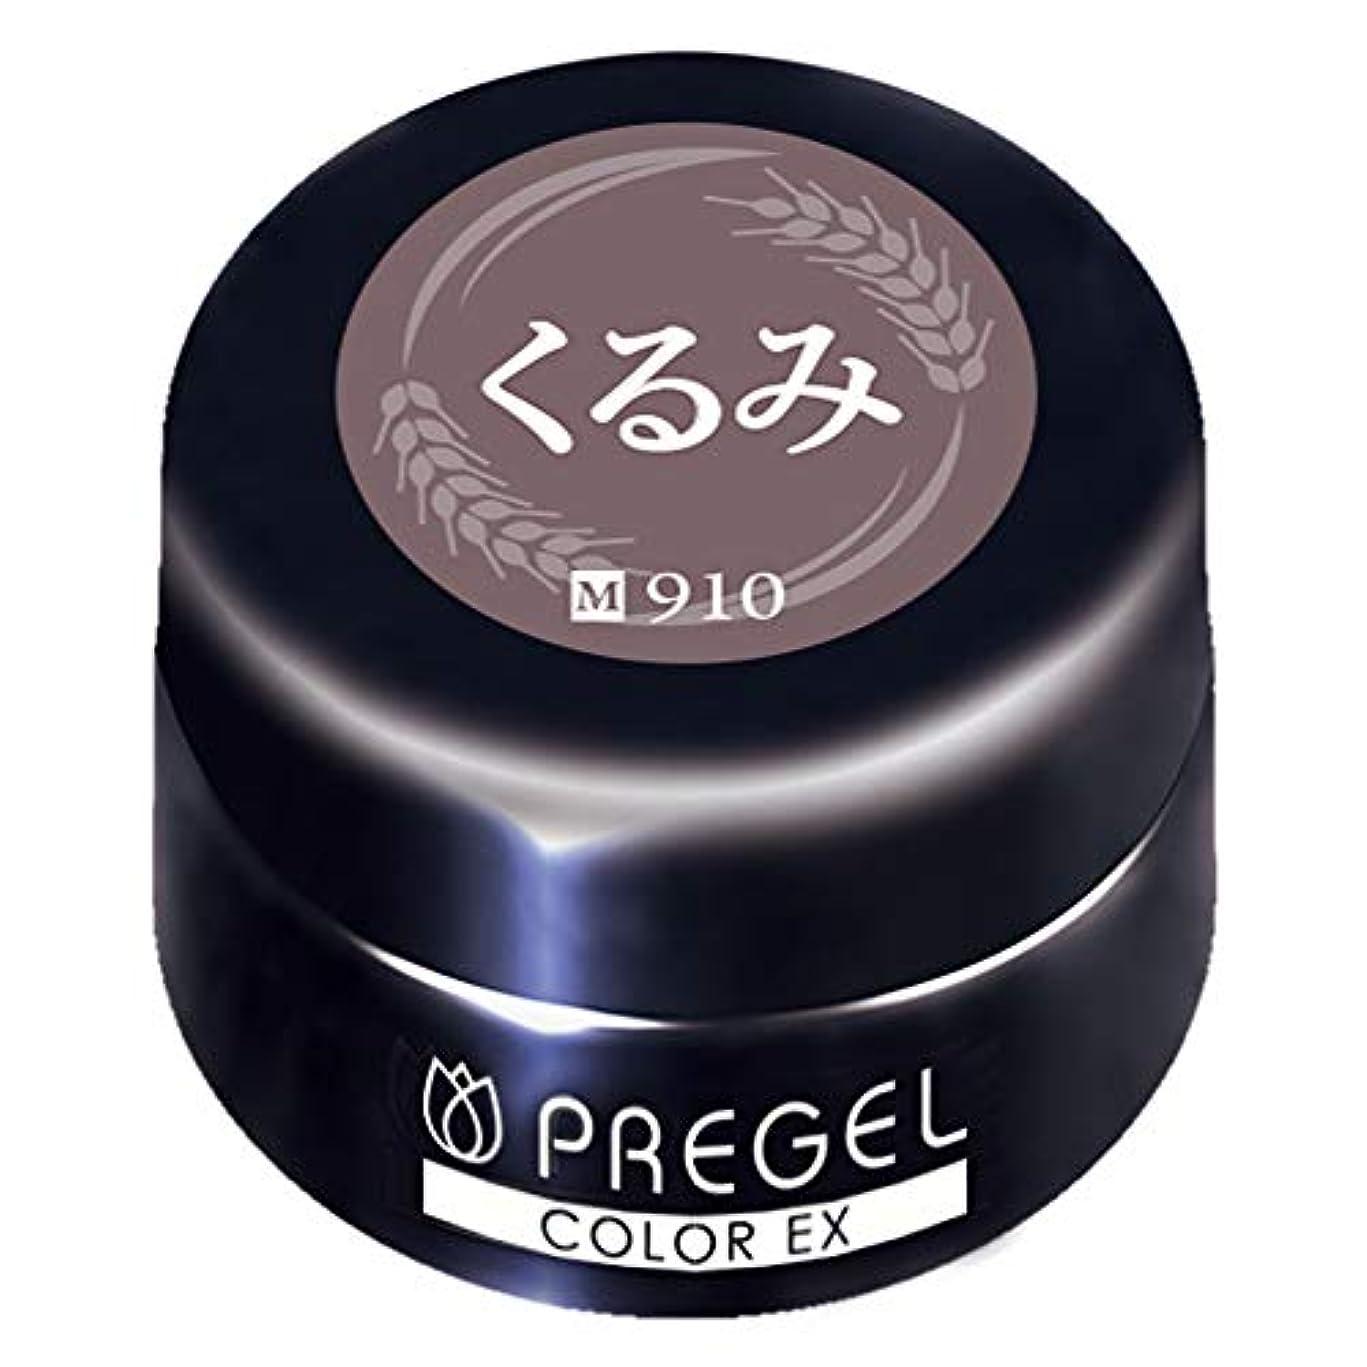 欠点カーペット方言PRE GEL(プリジェル) カラーEX くるみ 3g PG-CE910 UV/LED対応